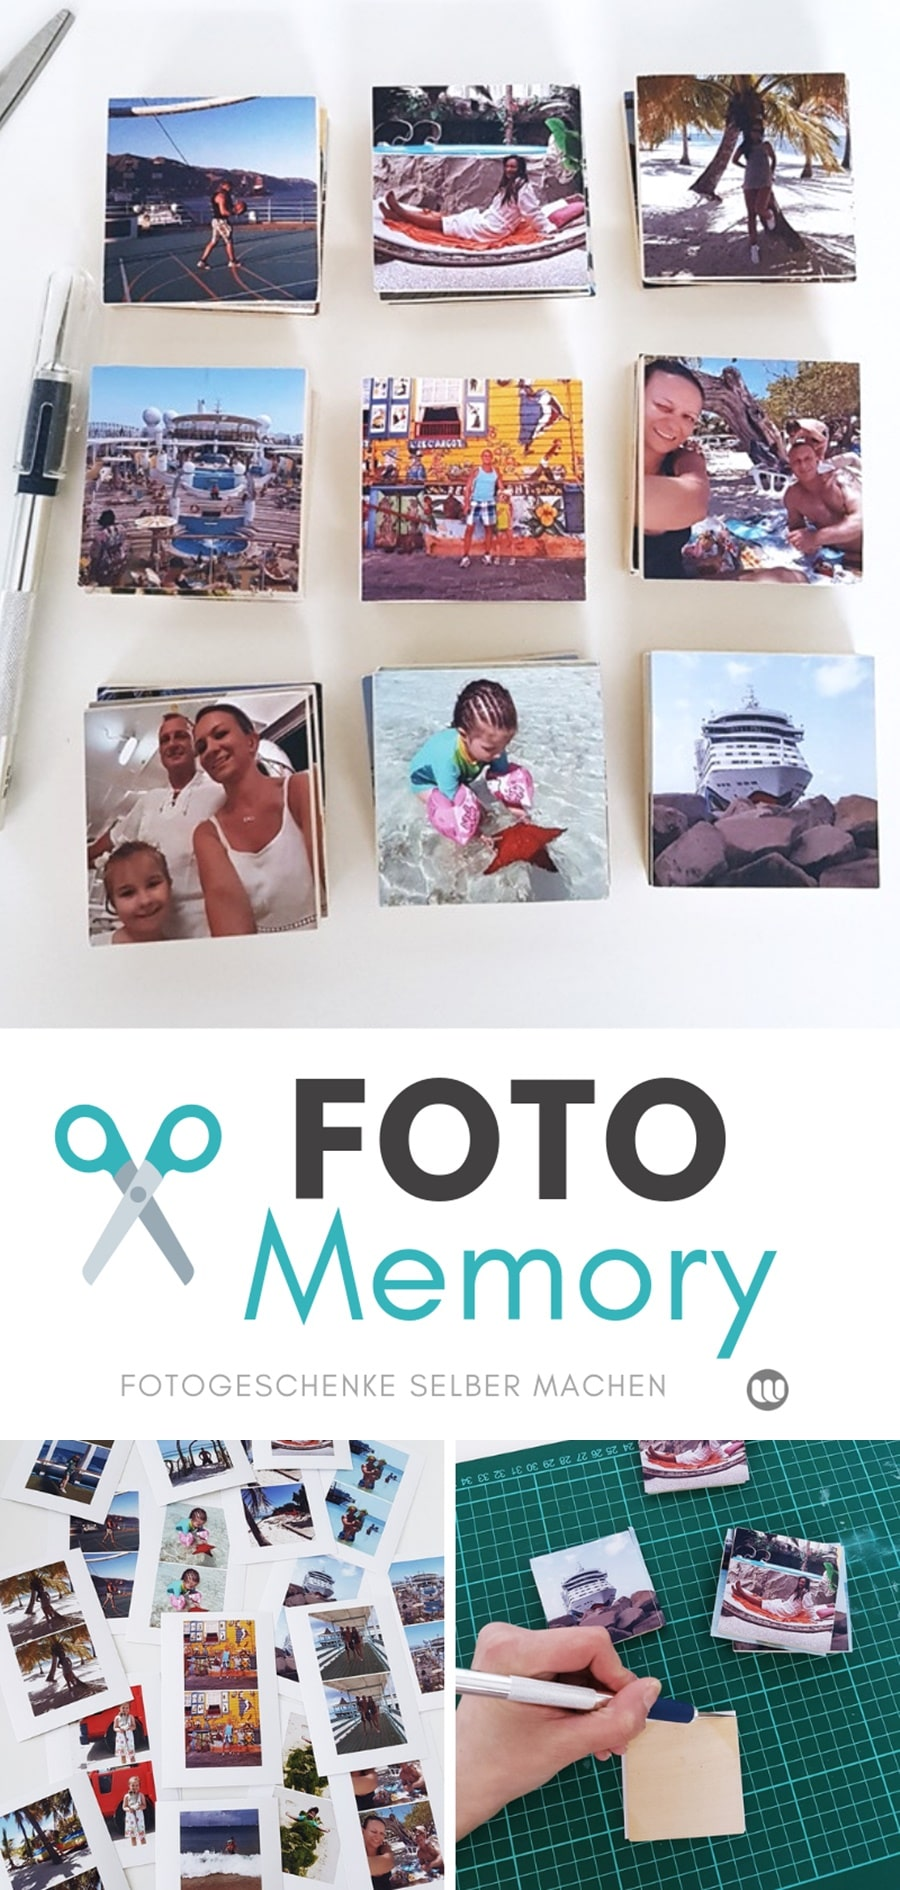 Foto-Memory selbst gestalten: So wirds gemacht 3